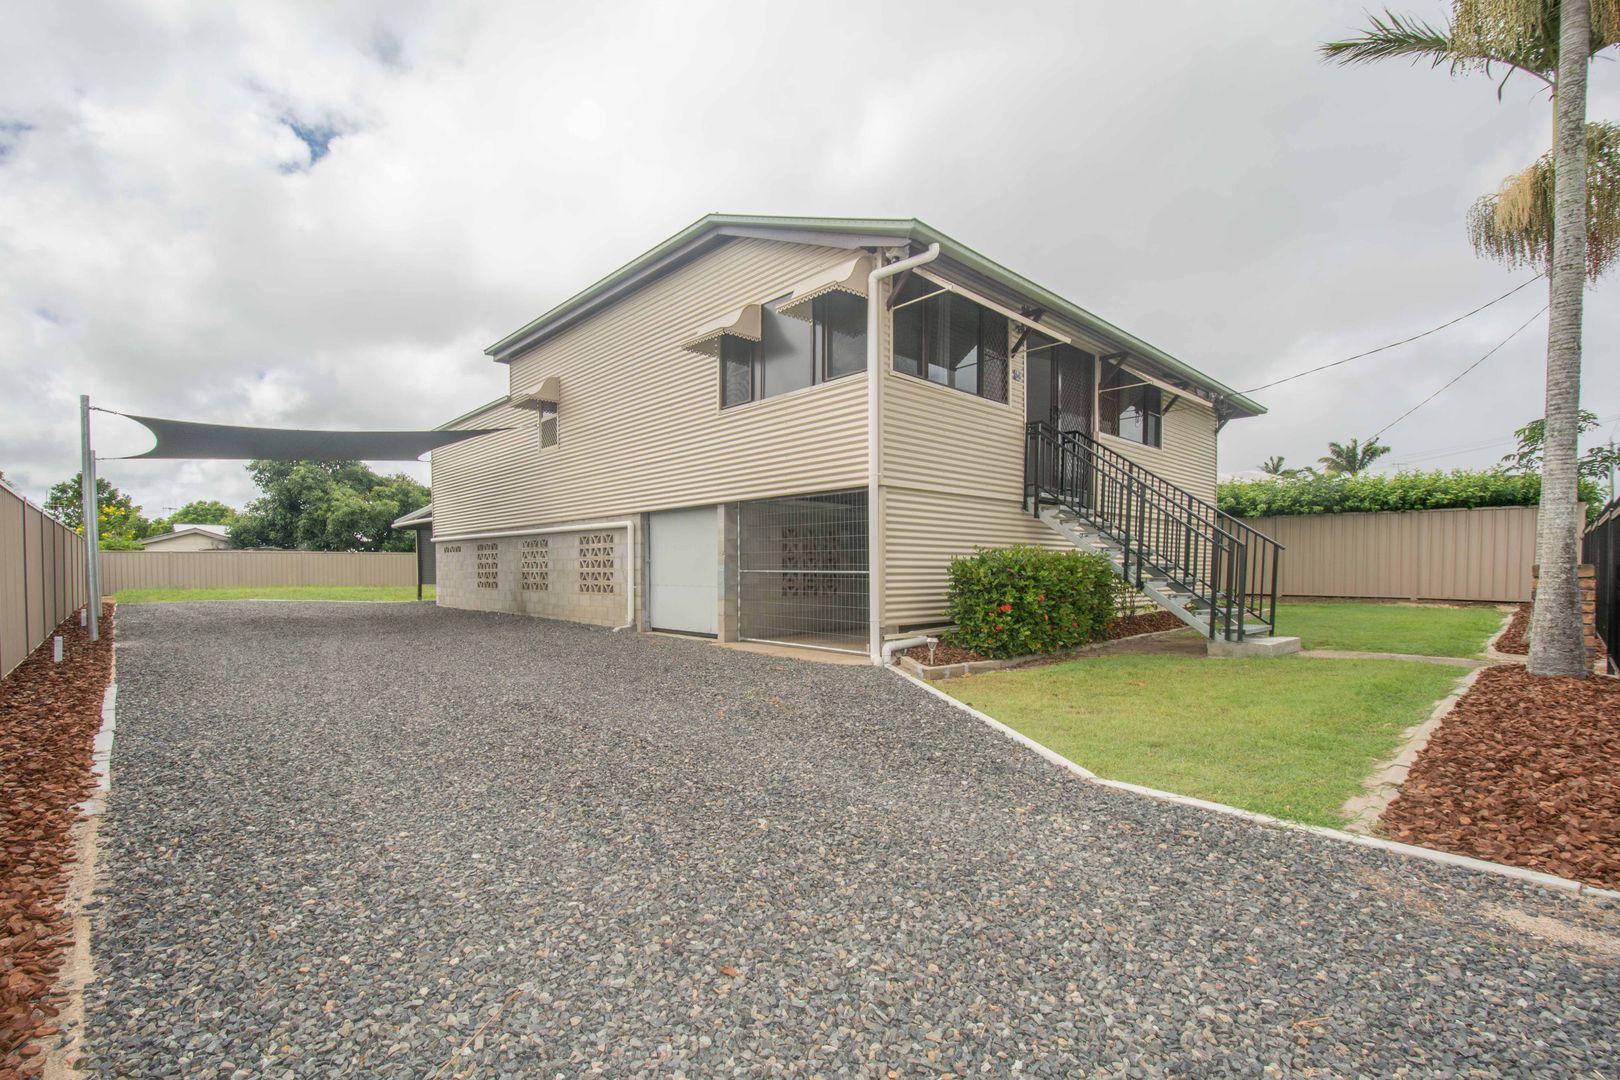 64 Maryborough Street, Bundaberg South QLD 4670, Image 0